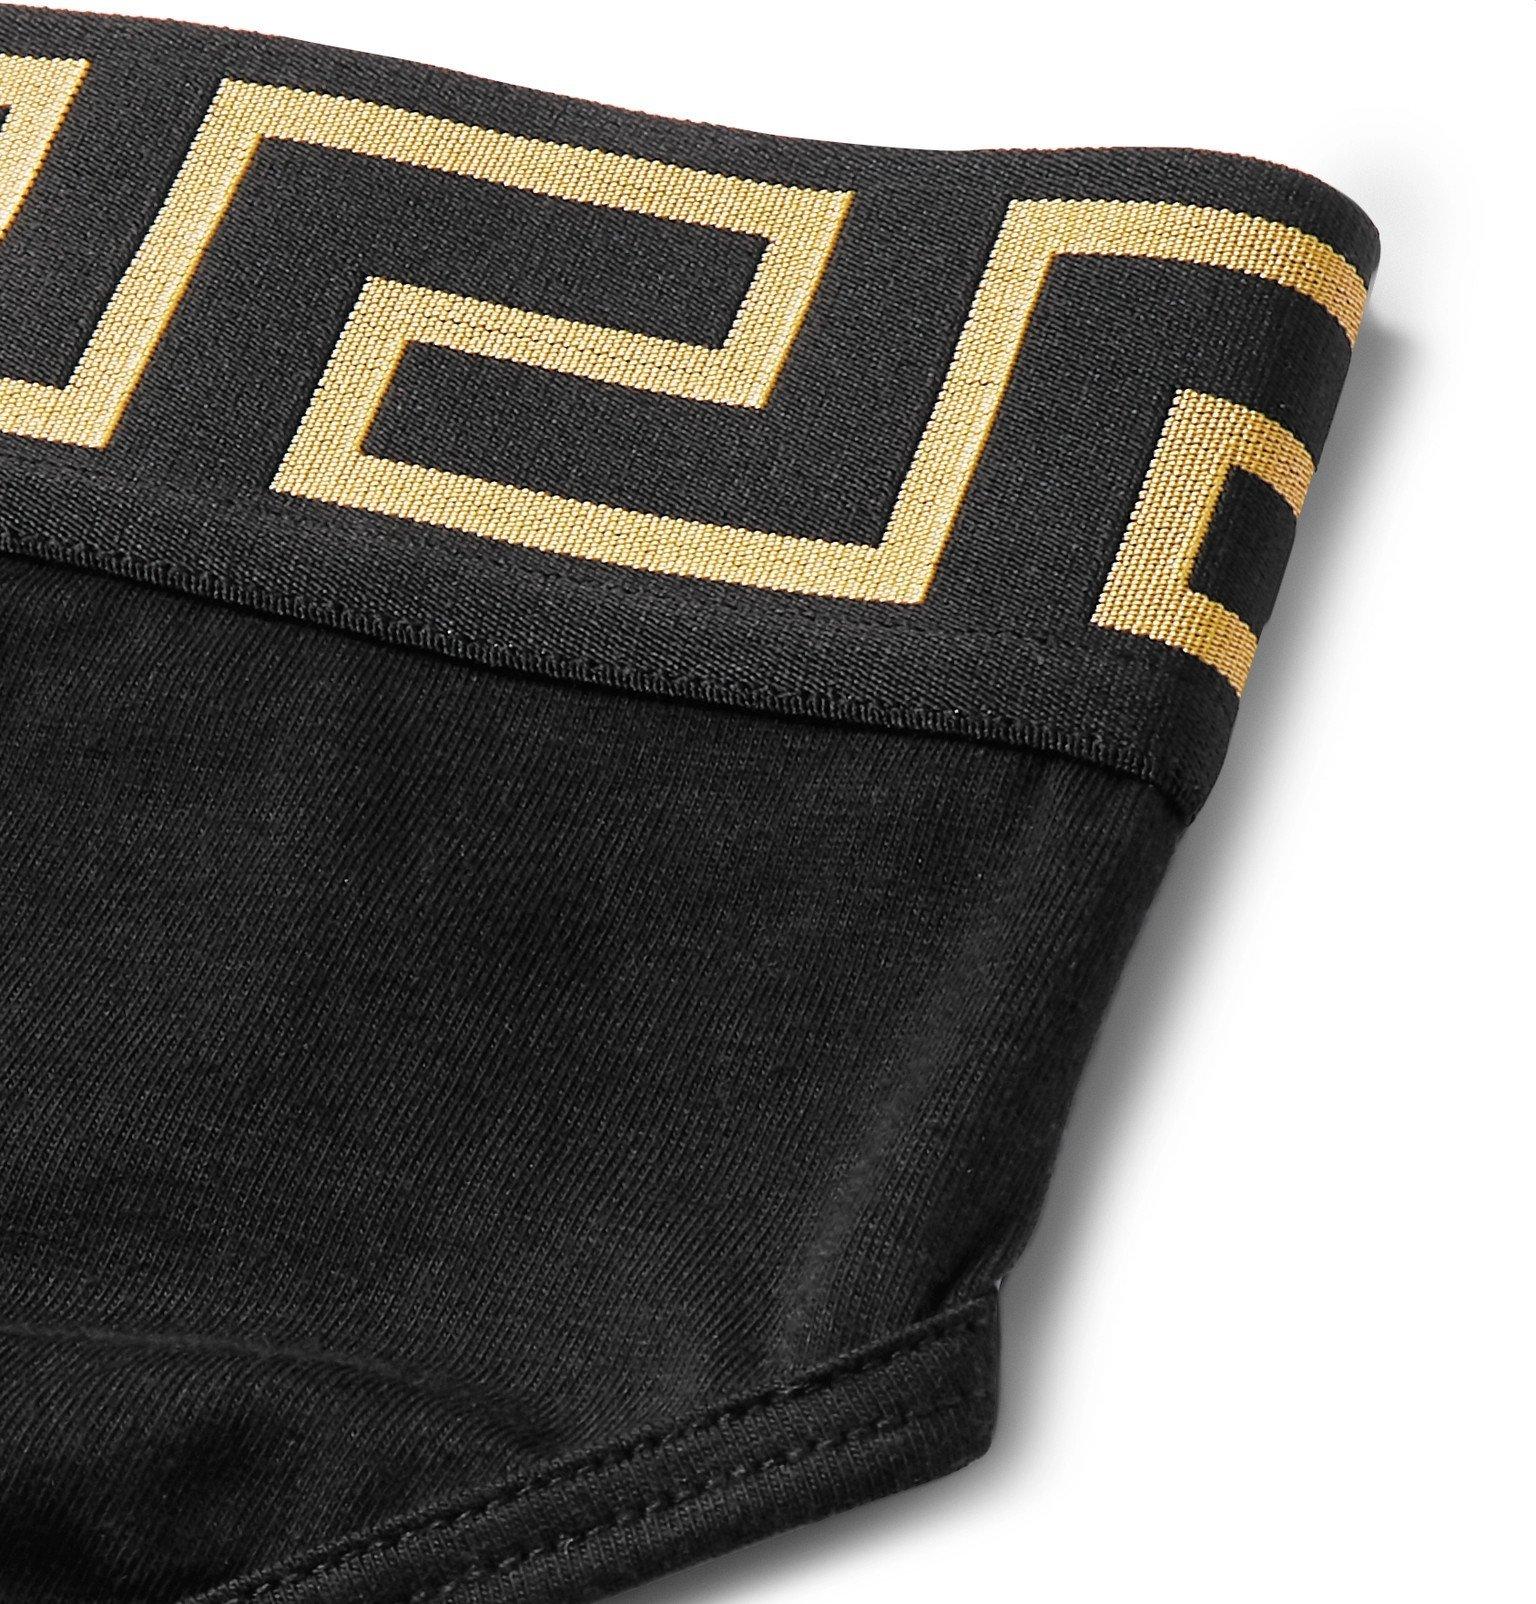 Versace - Stretch-Cotton Briefs - Black